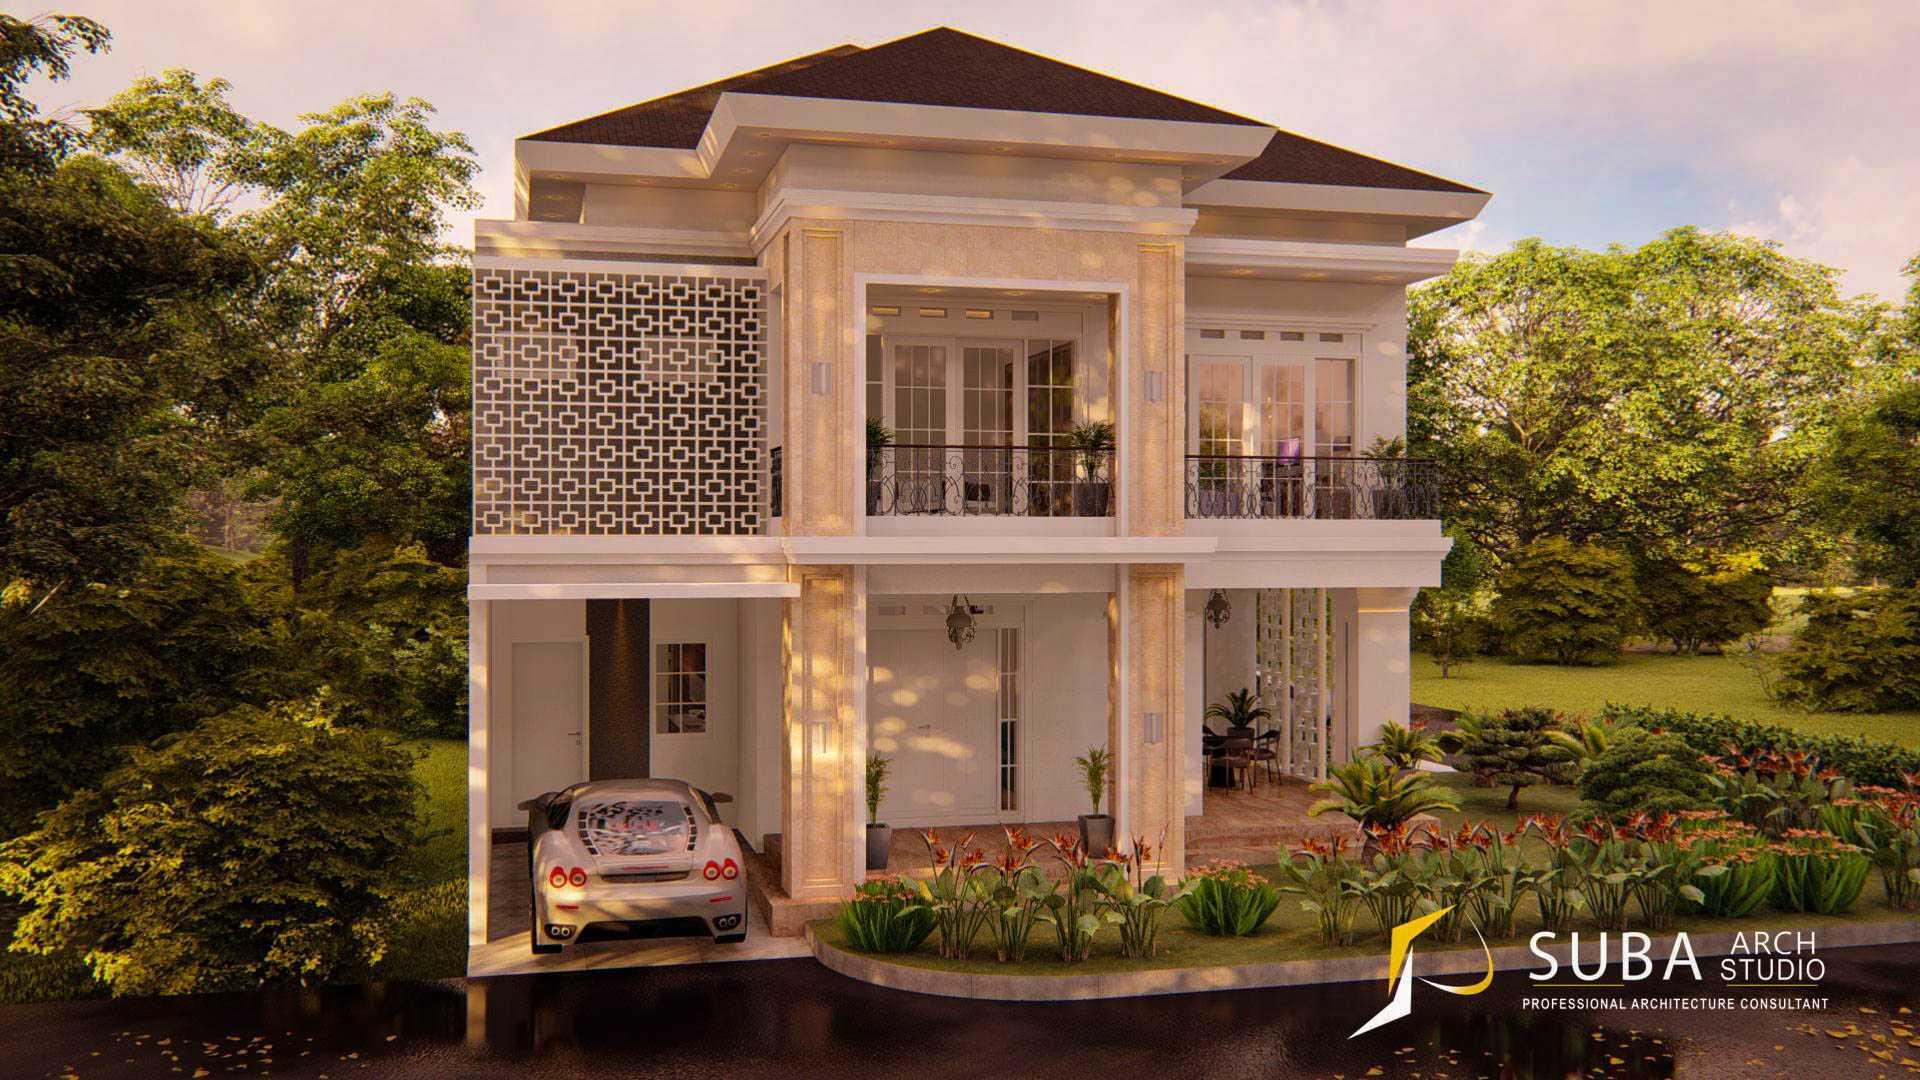 Suba-Arch Desain Rencana Renovasi Rumah Tinggal 2Lt 15 X 13 @bu Iis Bogor, Jawa Barat, Indonesia Bogor, Jawa Barat, Indonesia Suba-Arch-Desain-Rencana-Renovasi-Rumah-Tinggal-2Lt-15-X-13-Bu-Iis Classic 86836